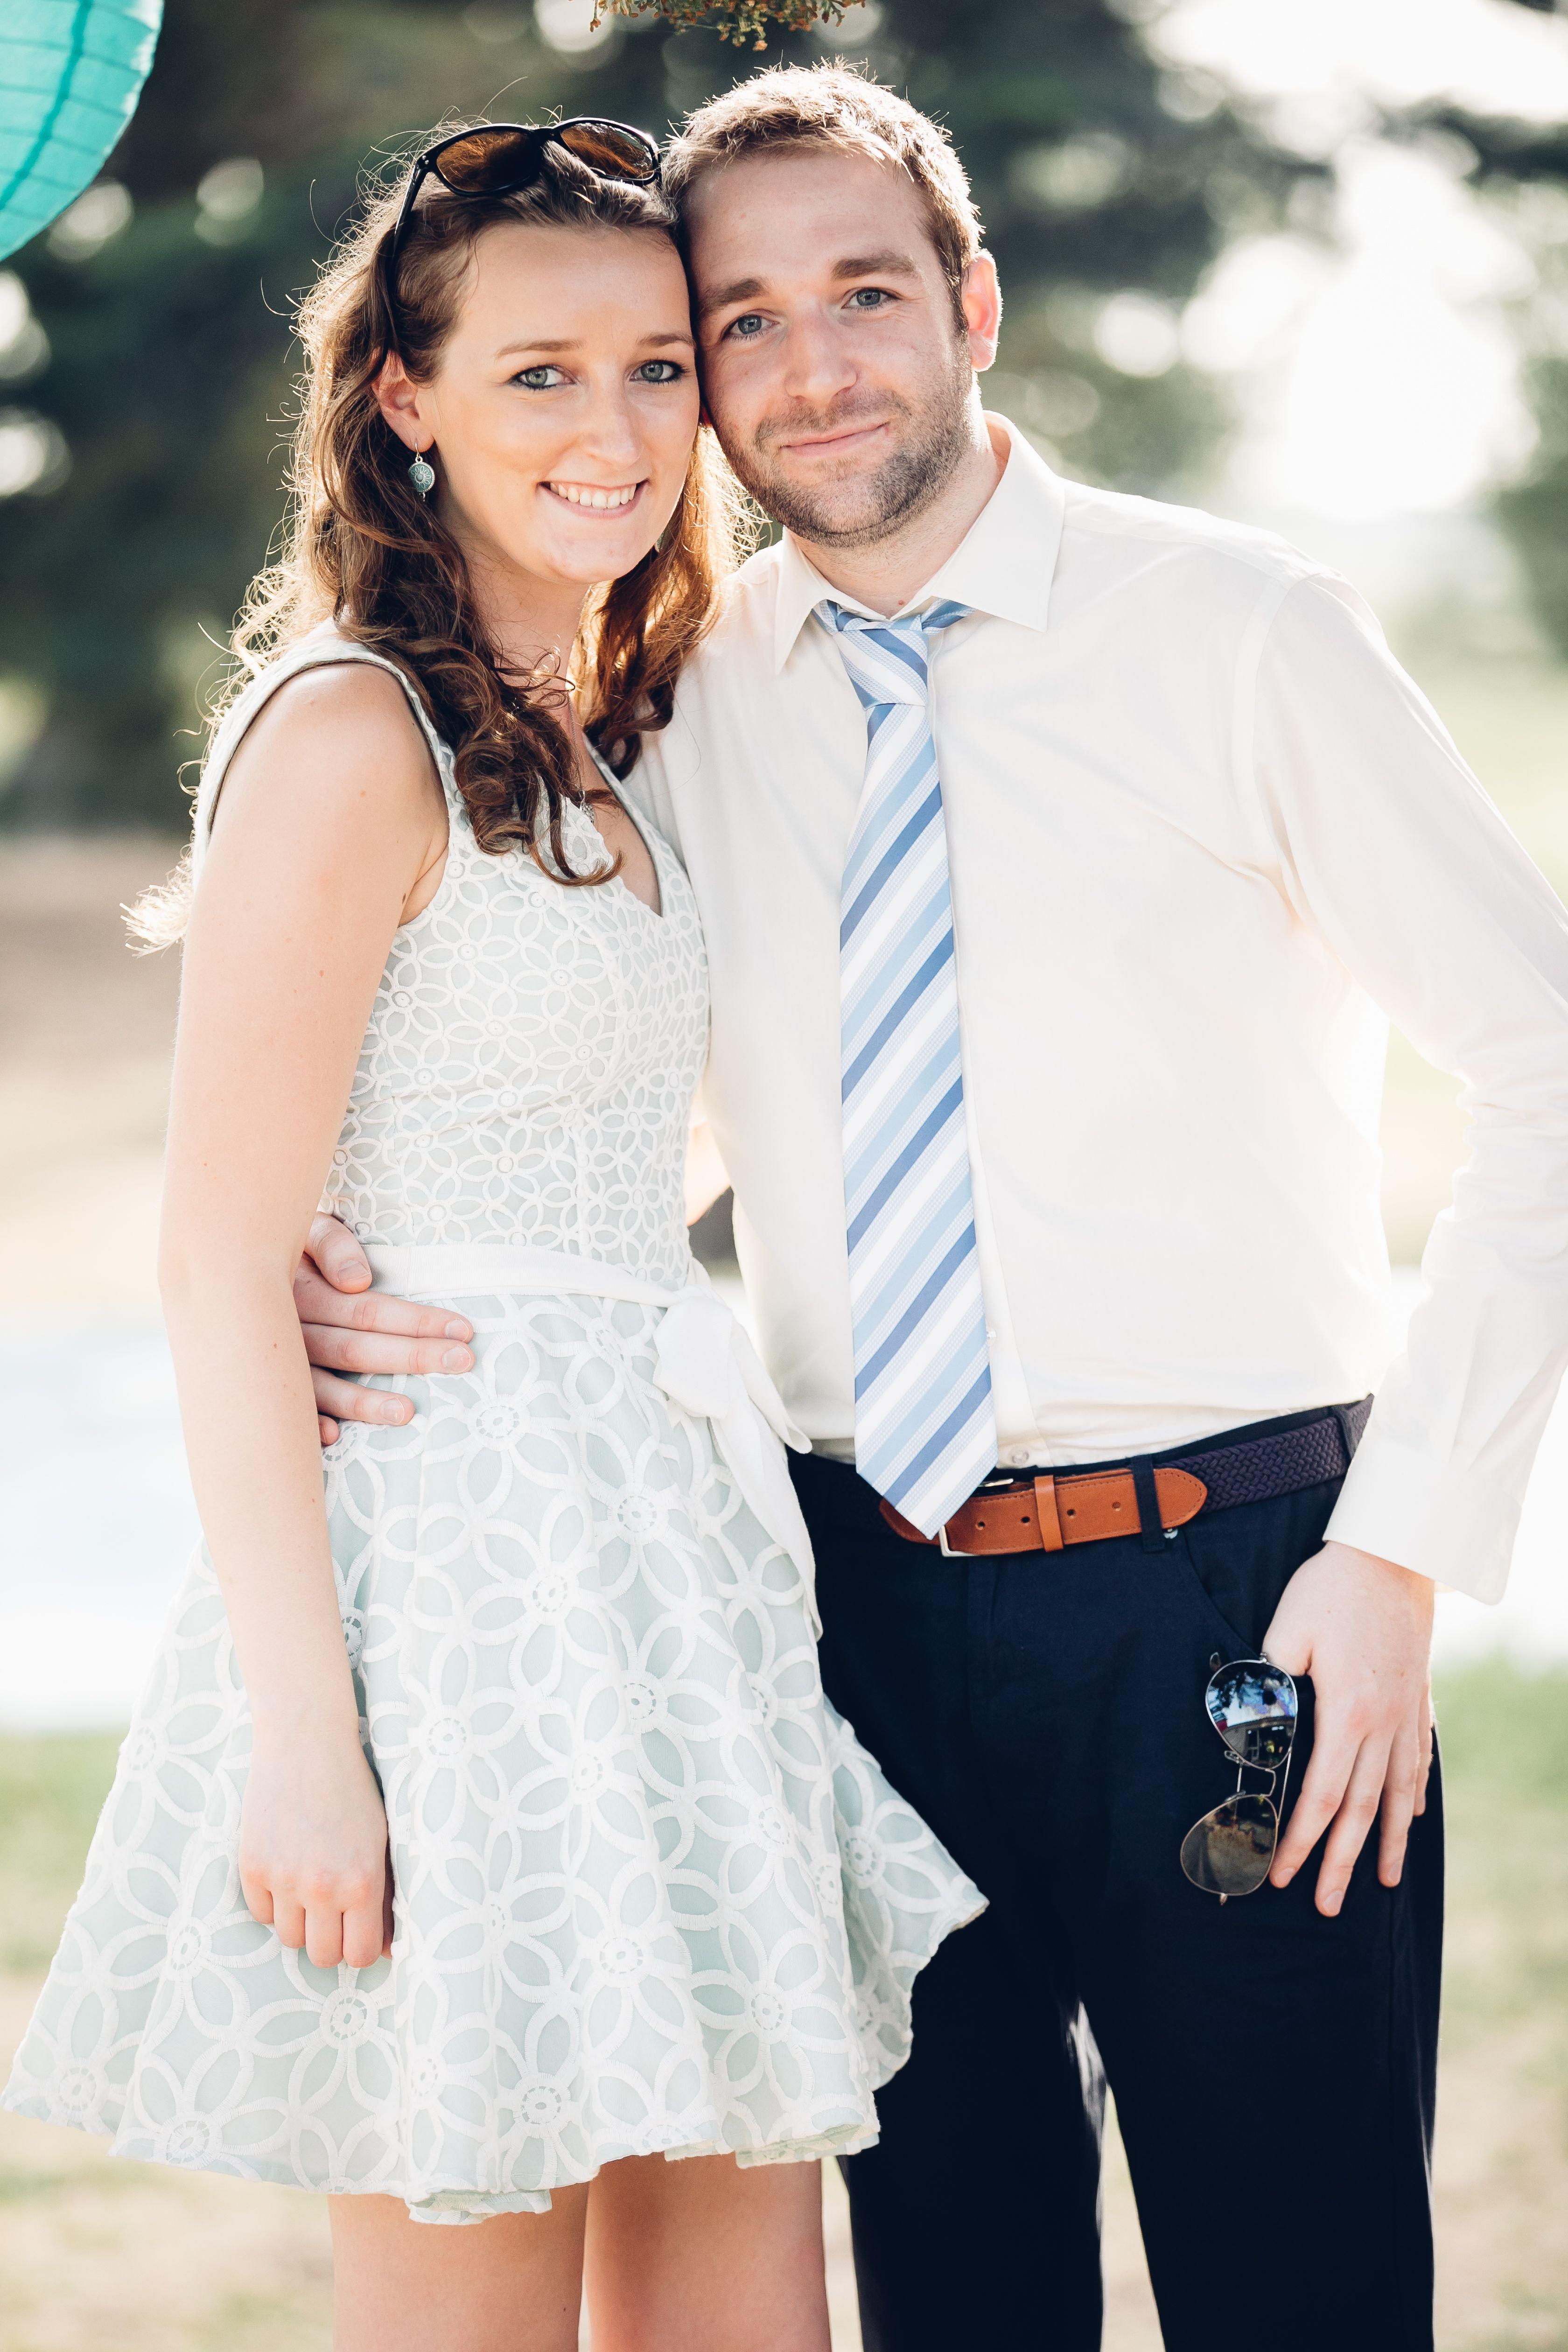 Choisir le photographe de notre mariage